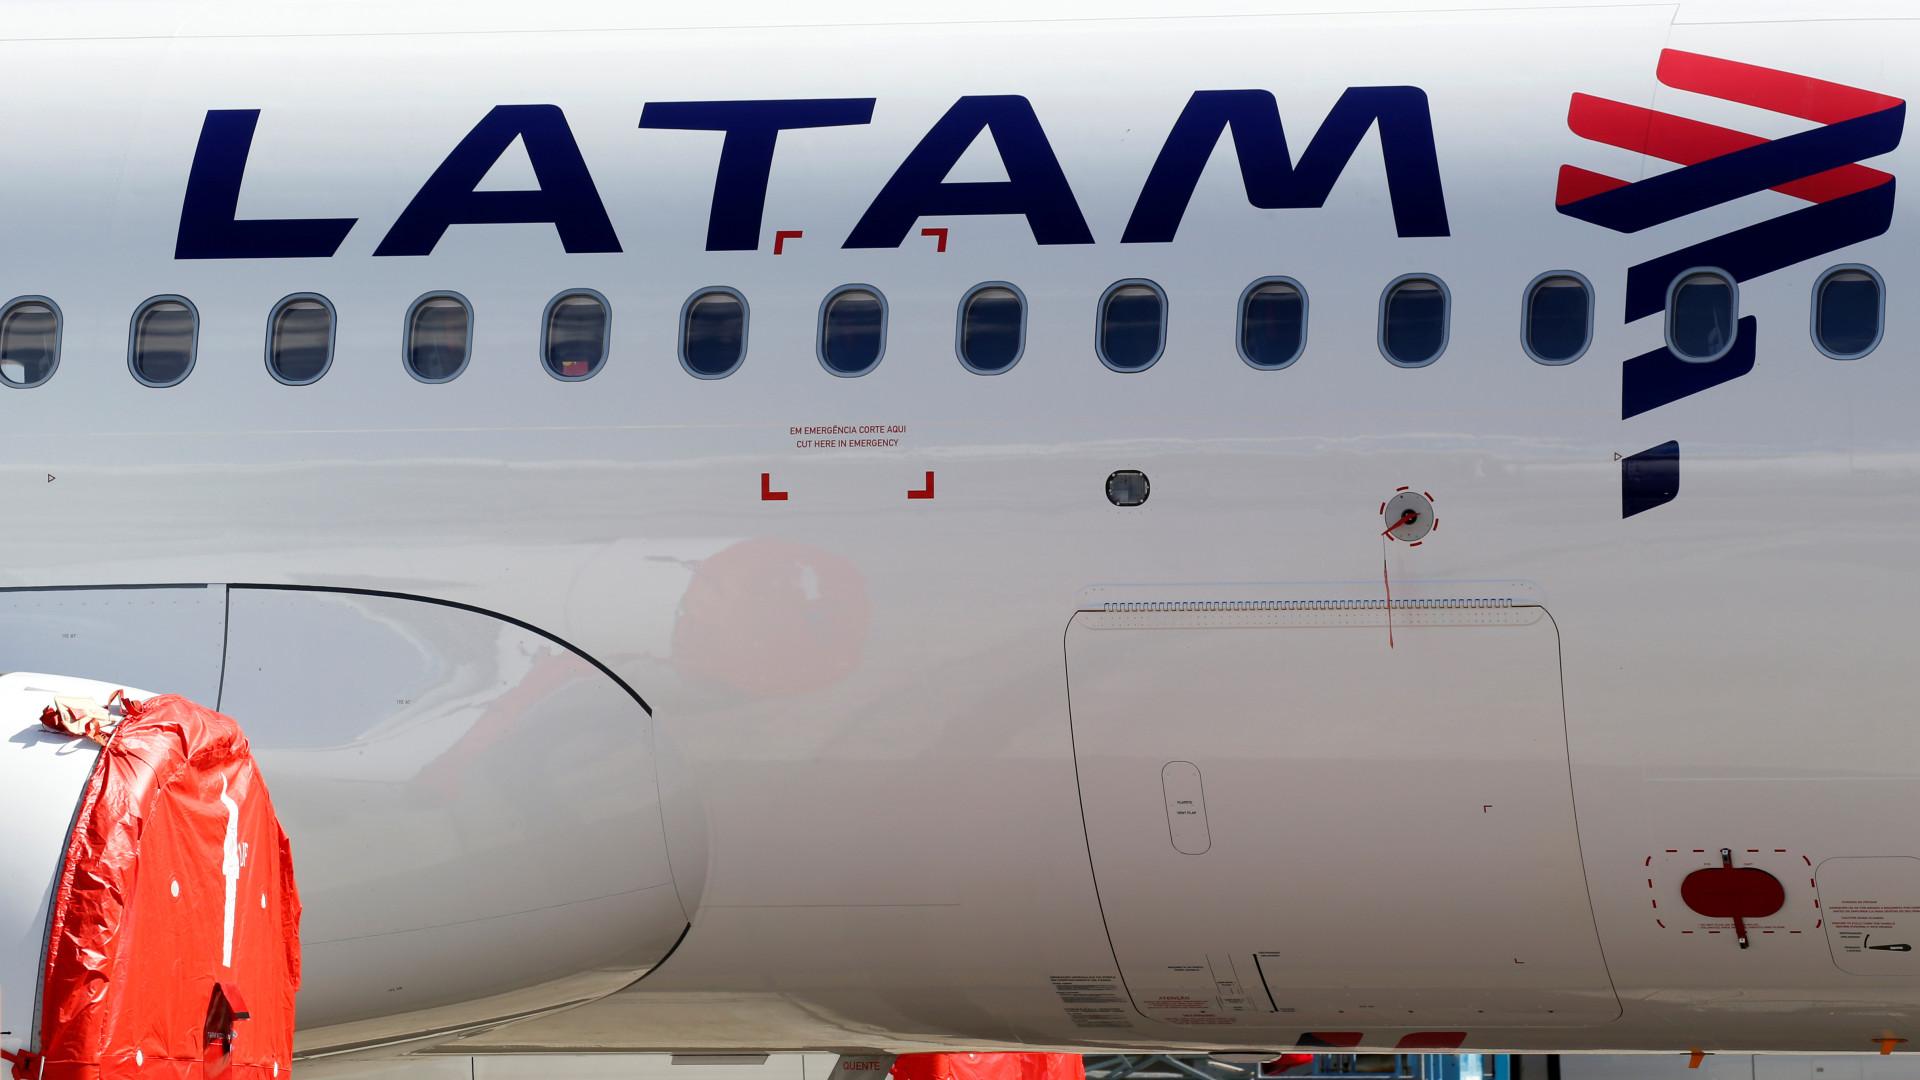 Latam não descarta oferta pela Avianca 'no futuro'